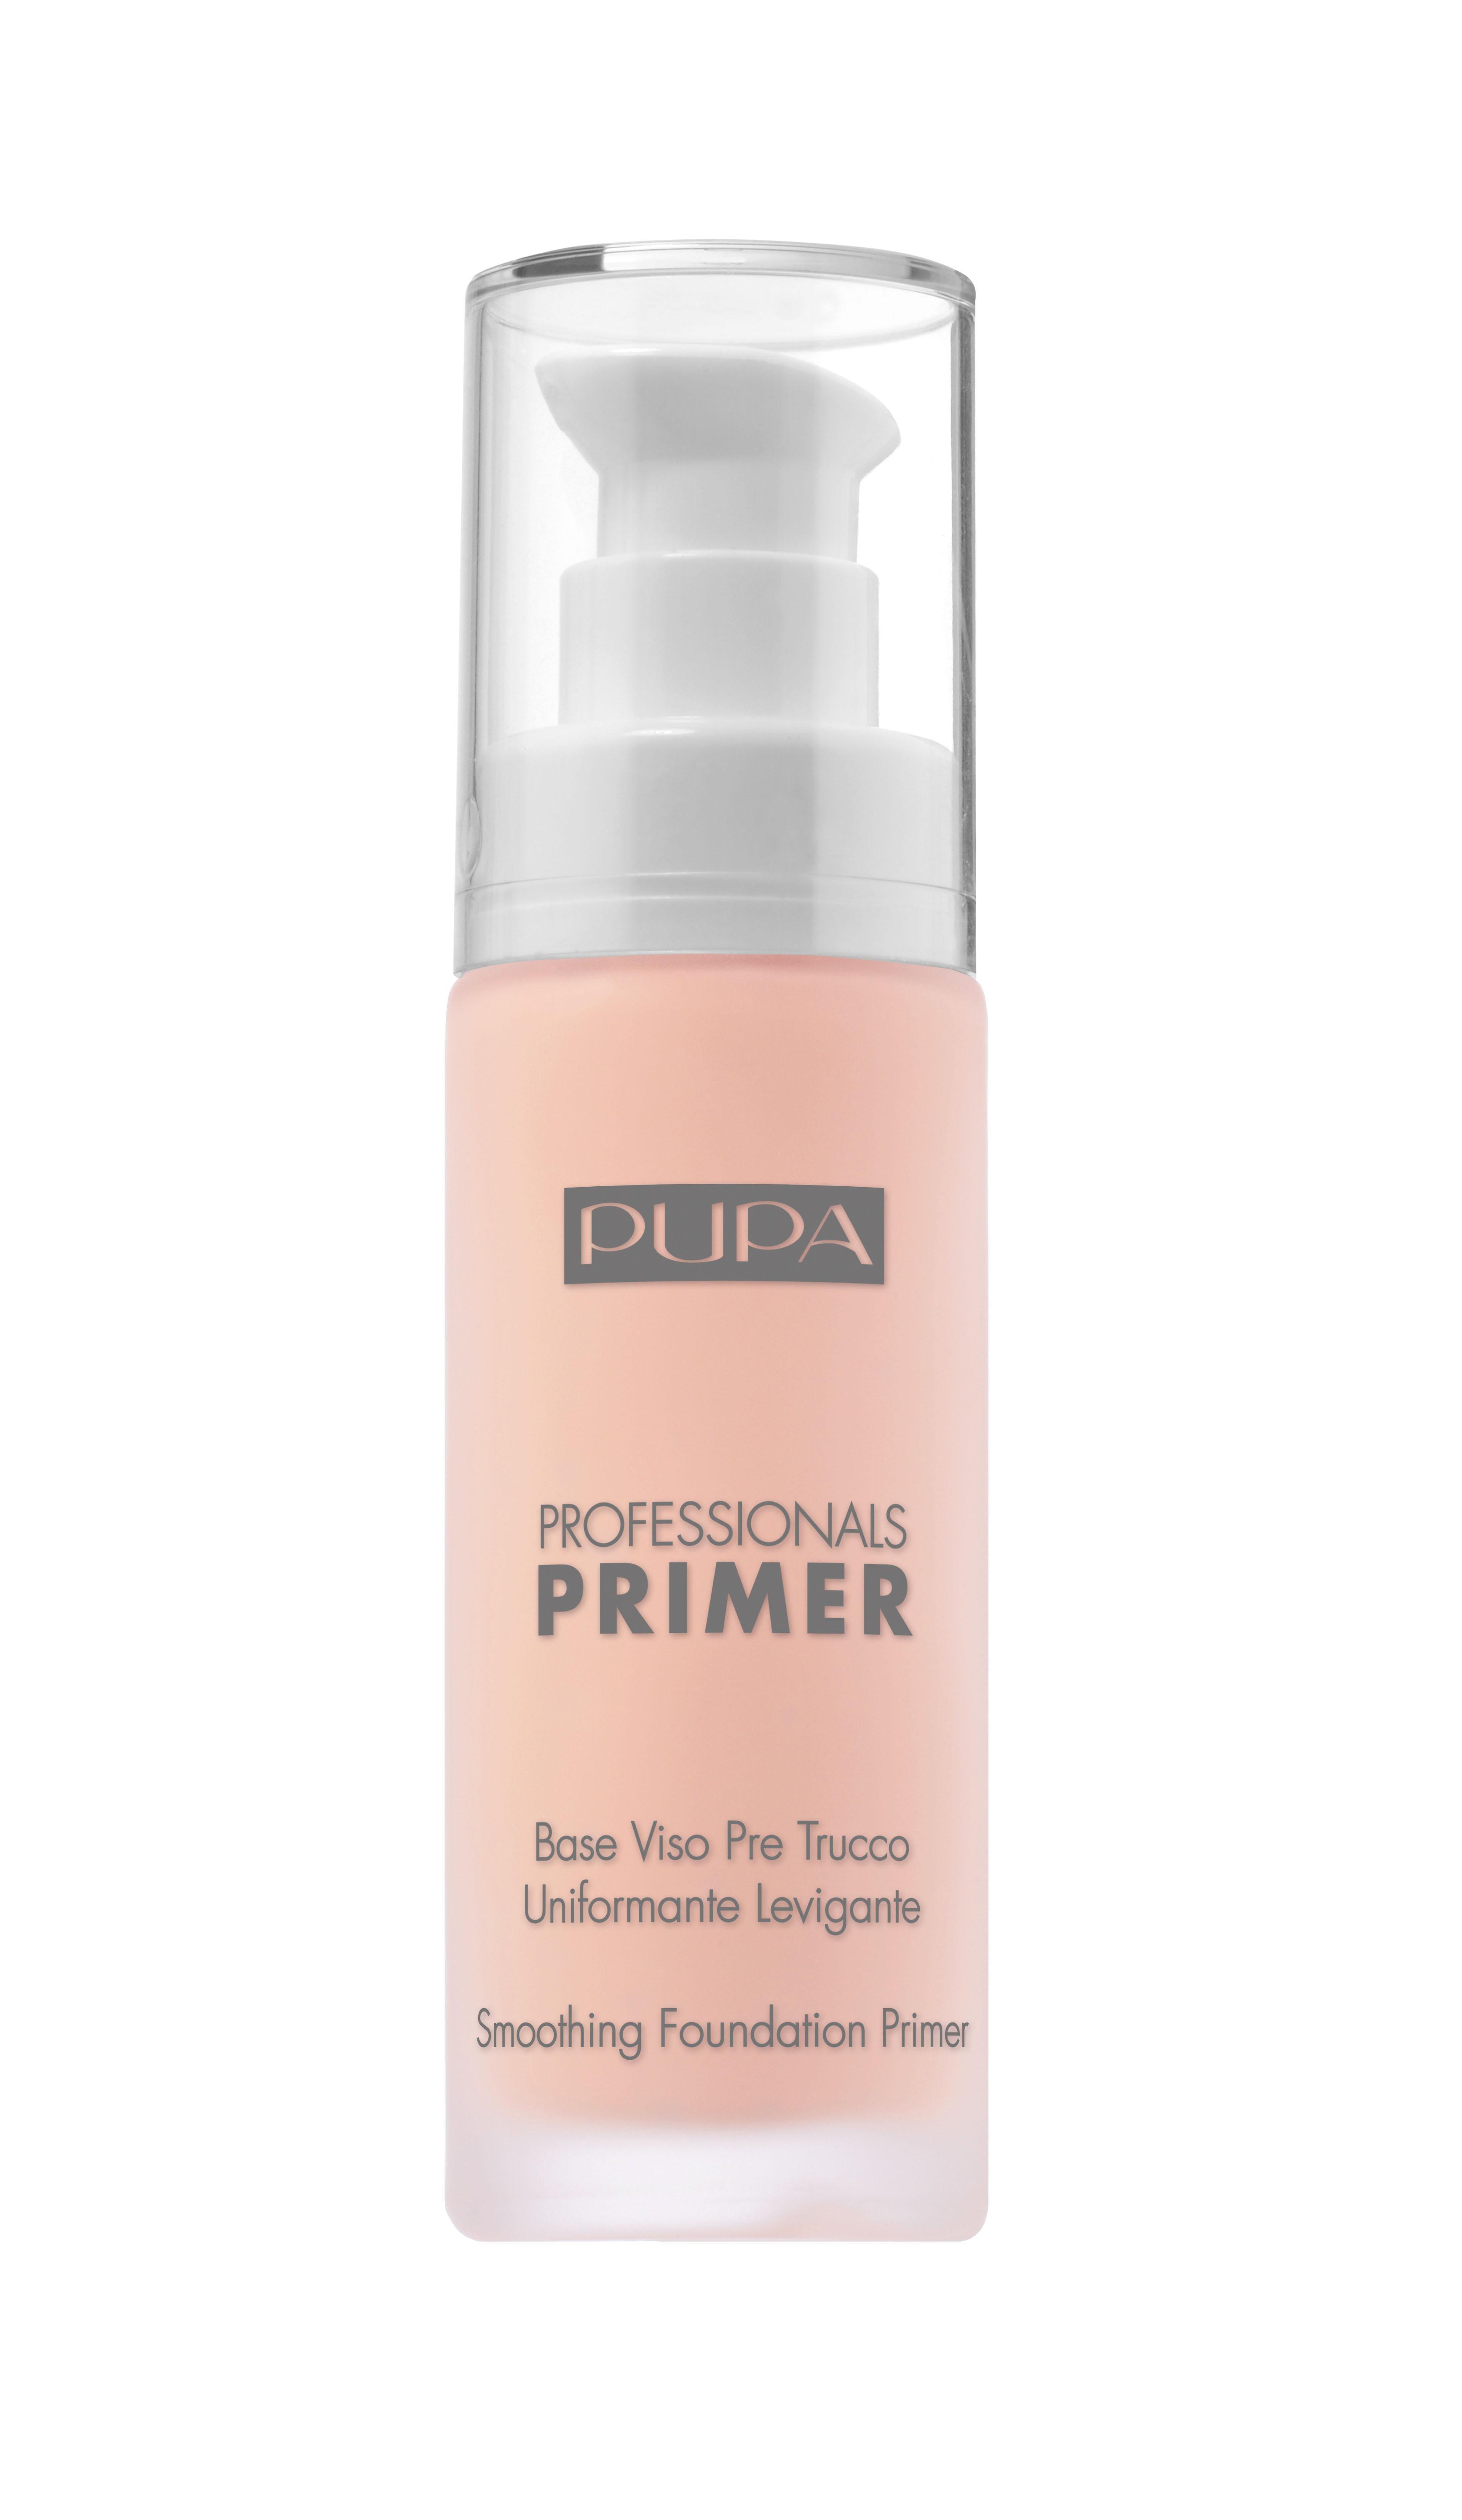 PUPA Основа под макияж 005 Эффект здоровой кожи / PROFESSIONALS Smoothing Foundation Primer 30мл